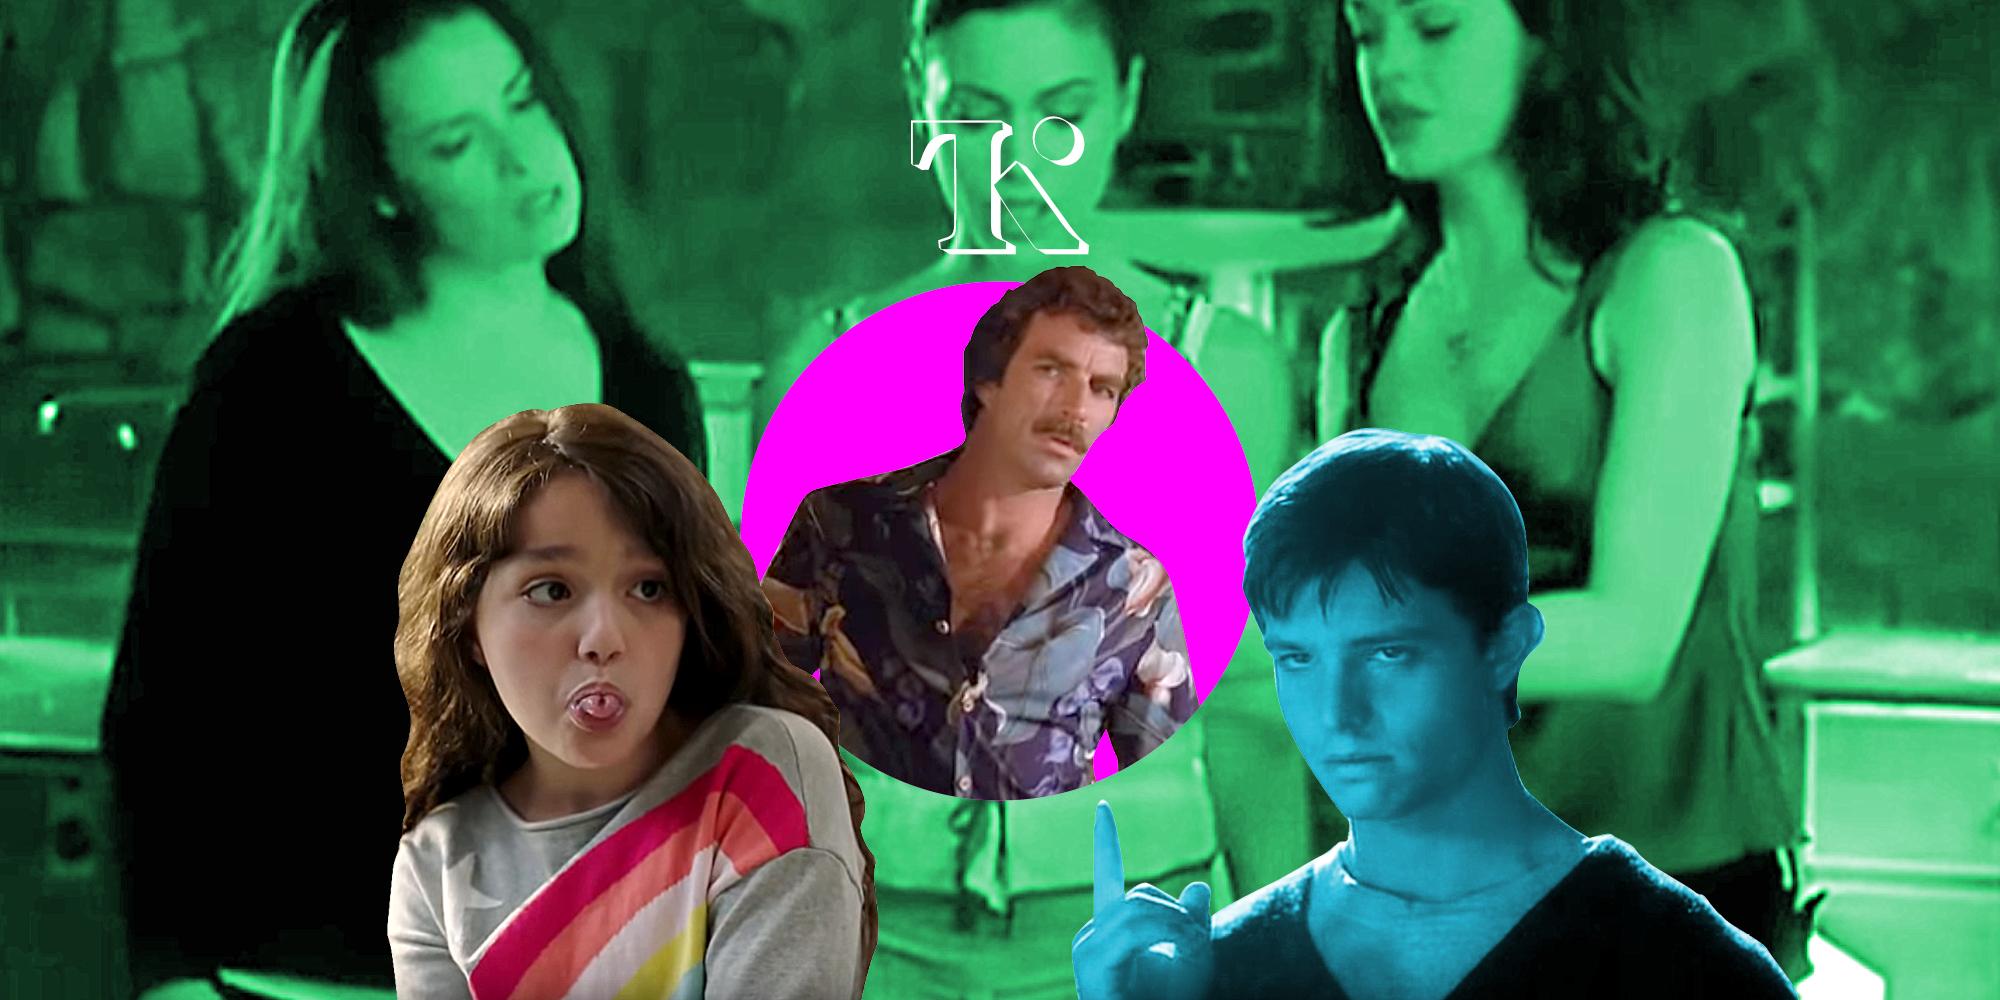 Make TV great again: 8 самых ожидаемых американских телесериалов этого года